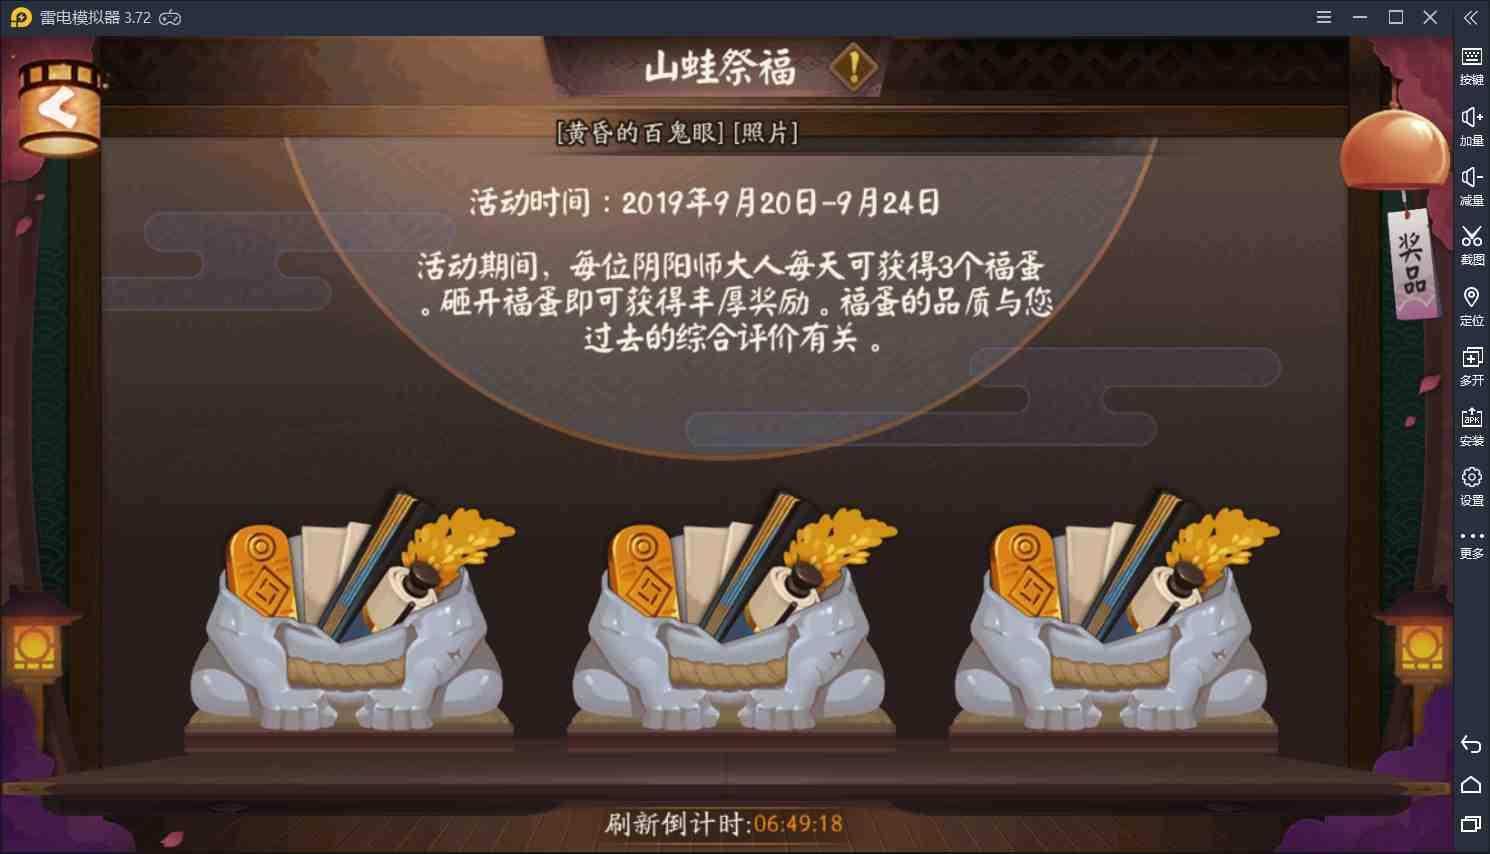 【阴阳师】三周年活动开启,大家都抽到泷夜叉姬和SP大舅了吗?